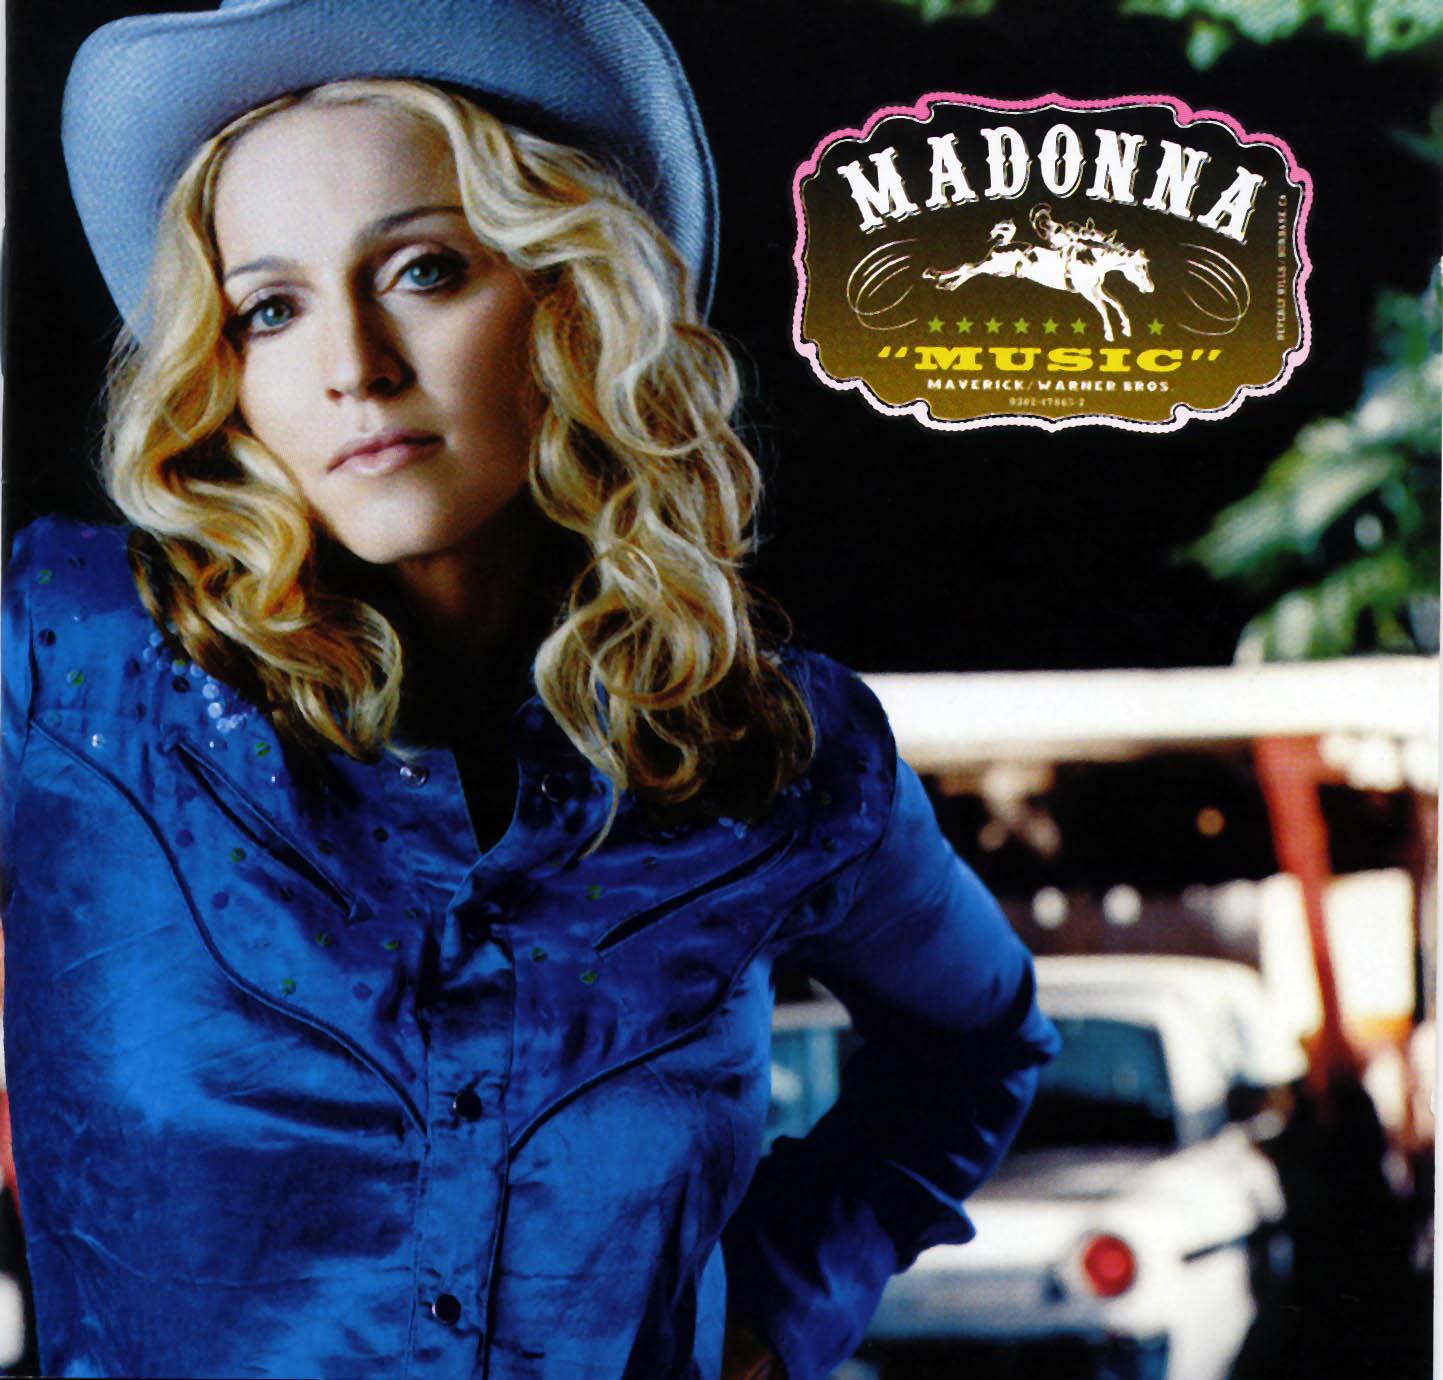 http://3.bp.blogspot.com/-O0ClkKqWaXY/TwoxtbYJYfI/AAAAAAAAAOs/3vg0ybvpsXg/s1600/Madonna-Music-Frontal.jpg